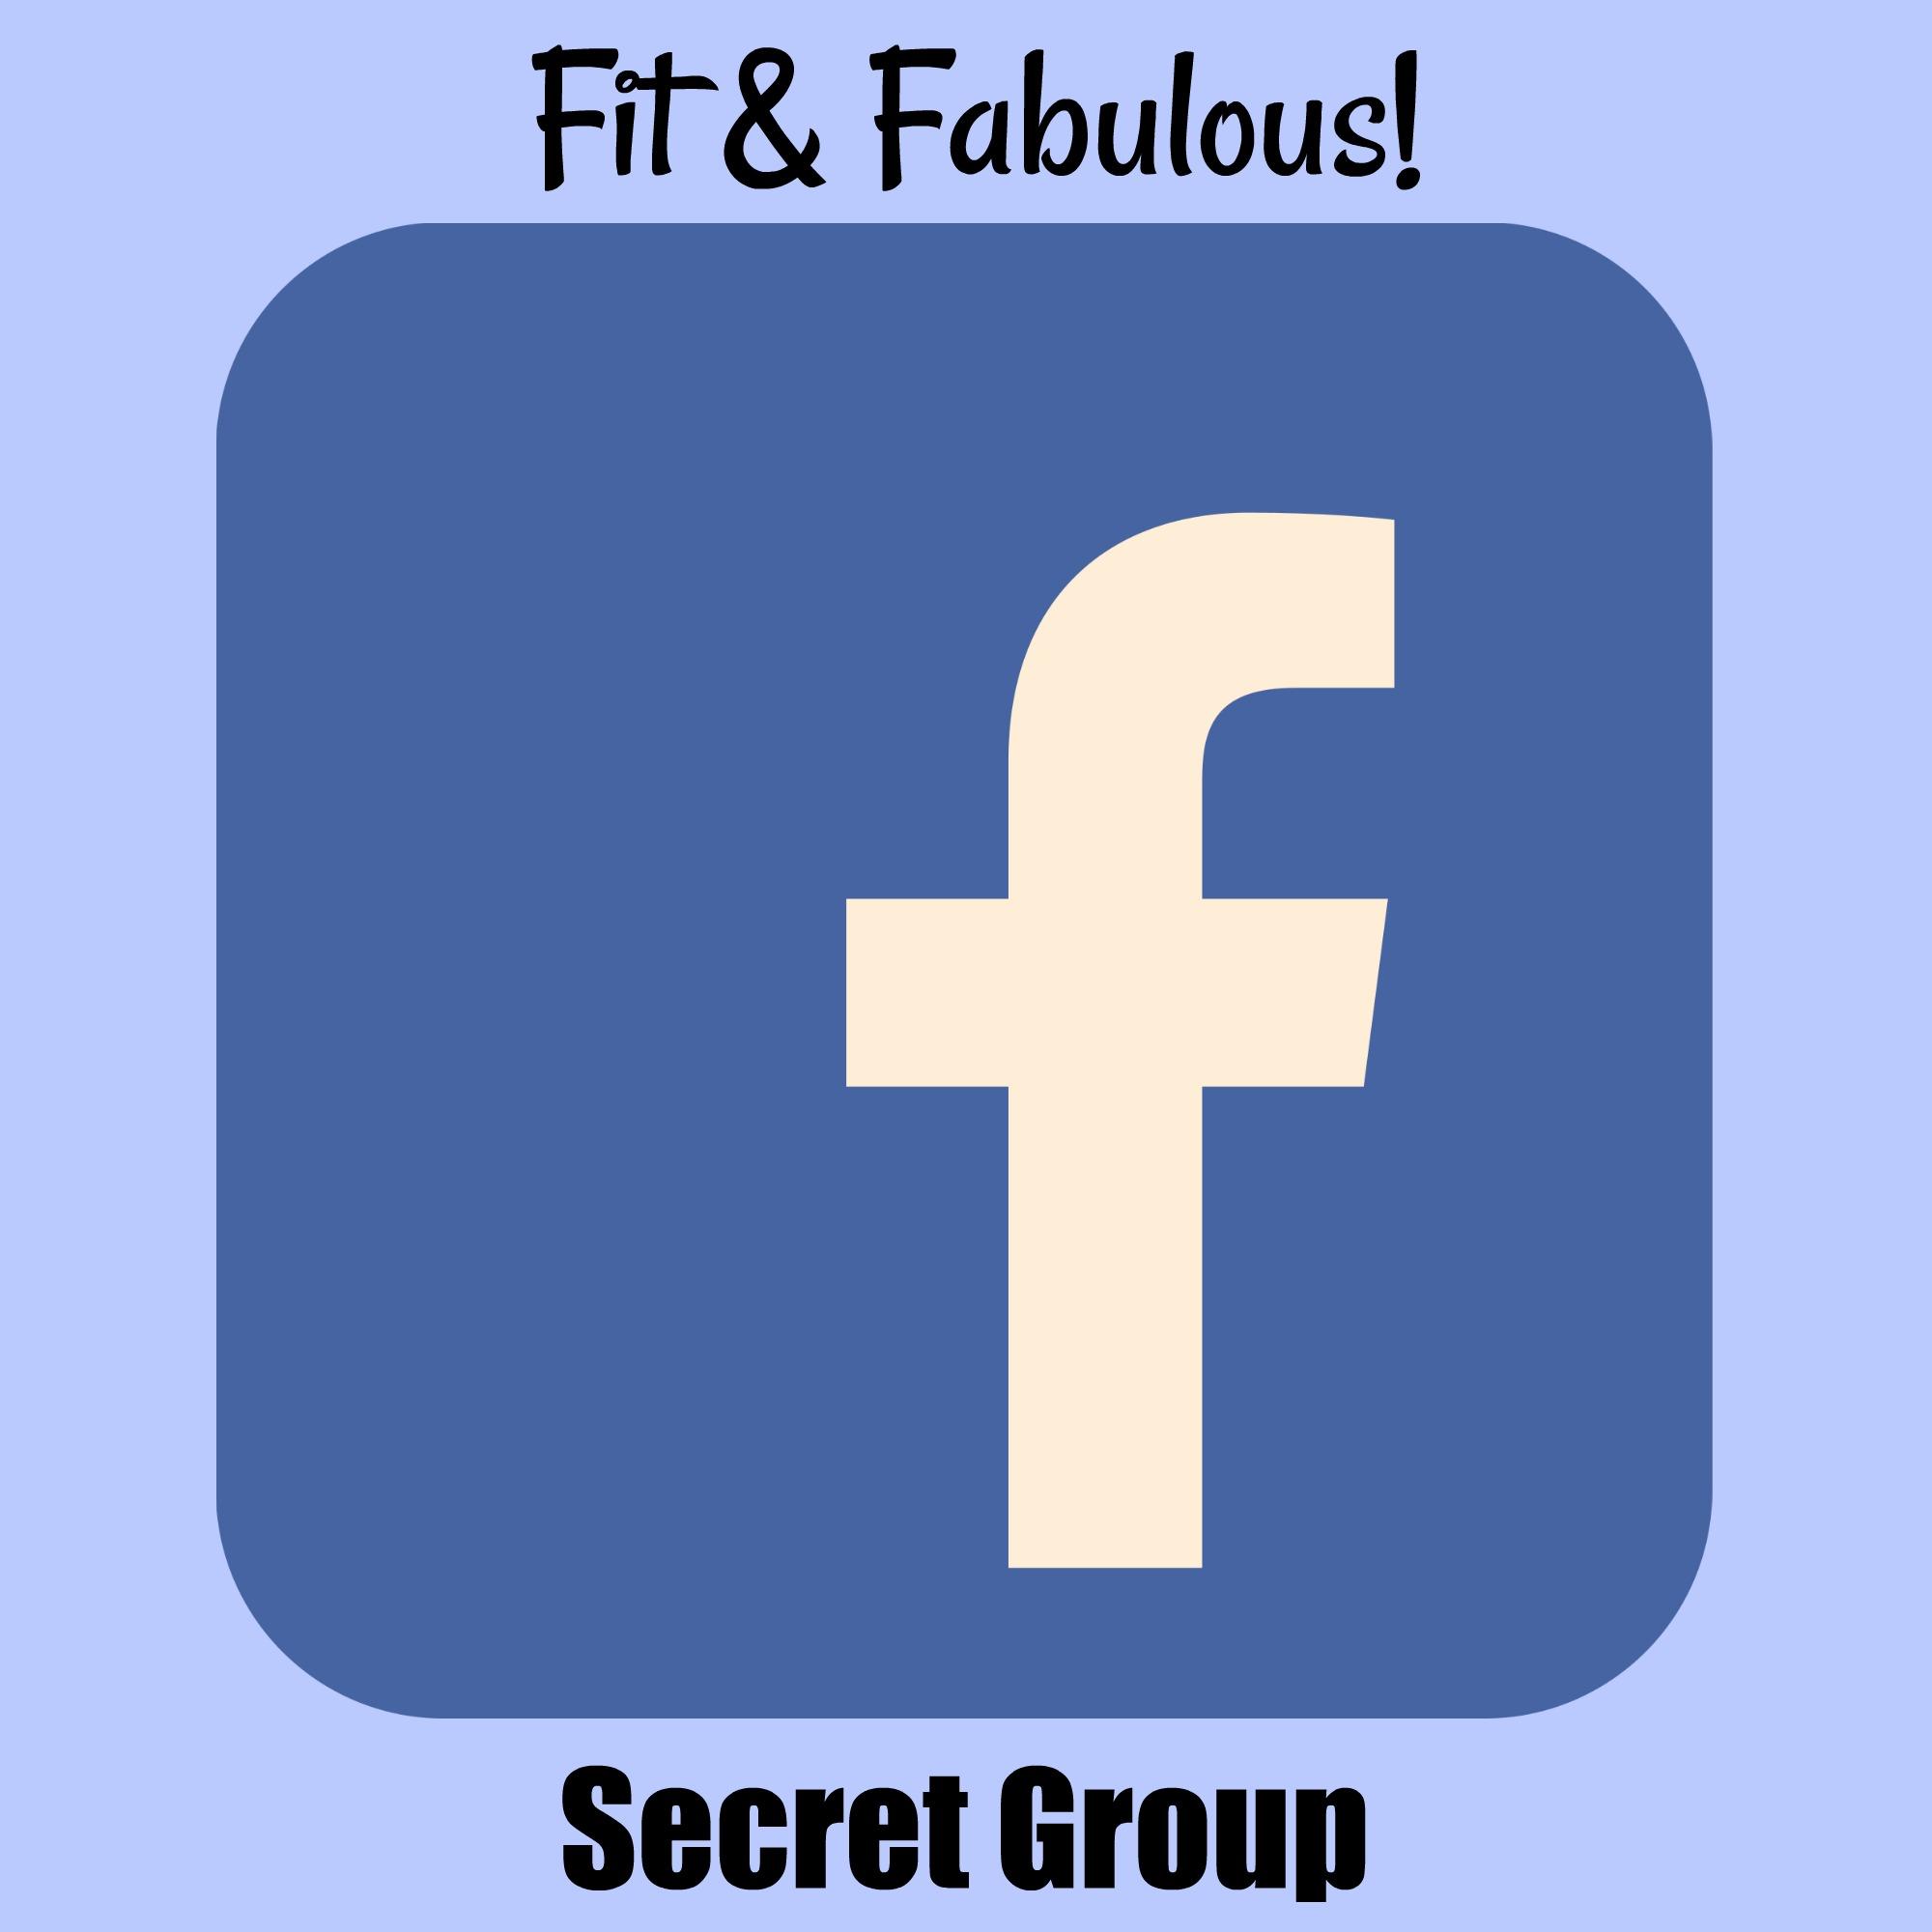 F&F Secret Group